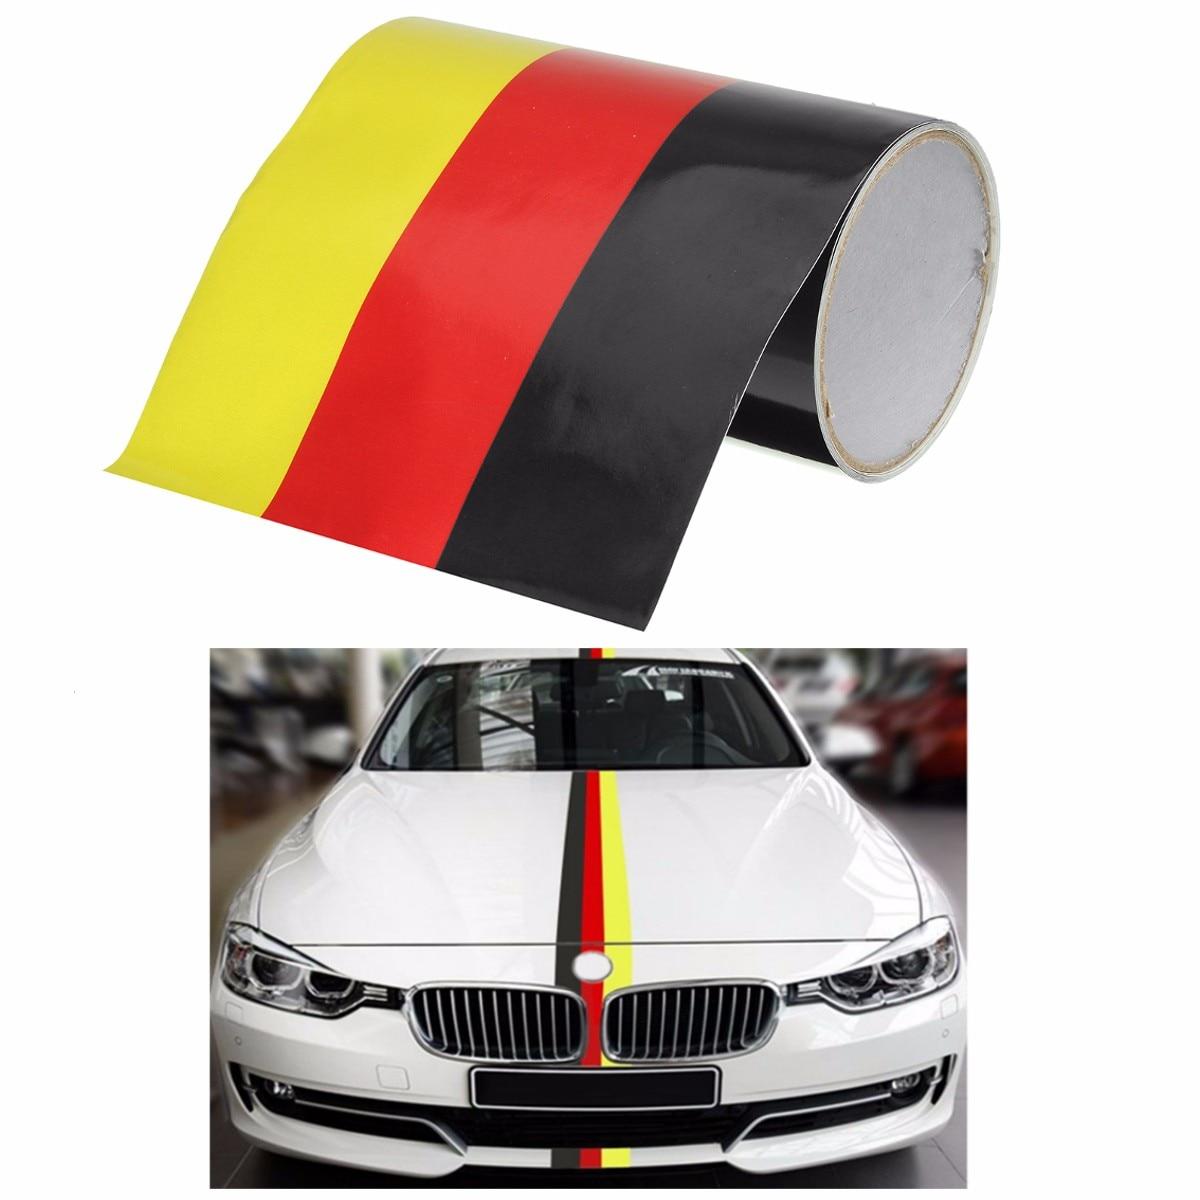 1 шт., универсальная наклейка в полоску для автомобилей VW, Audi, Benz, 1 м, 1,5 м, 2 м, 15 см